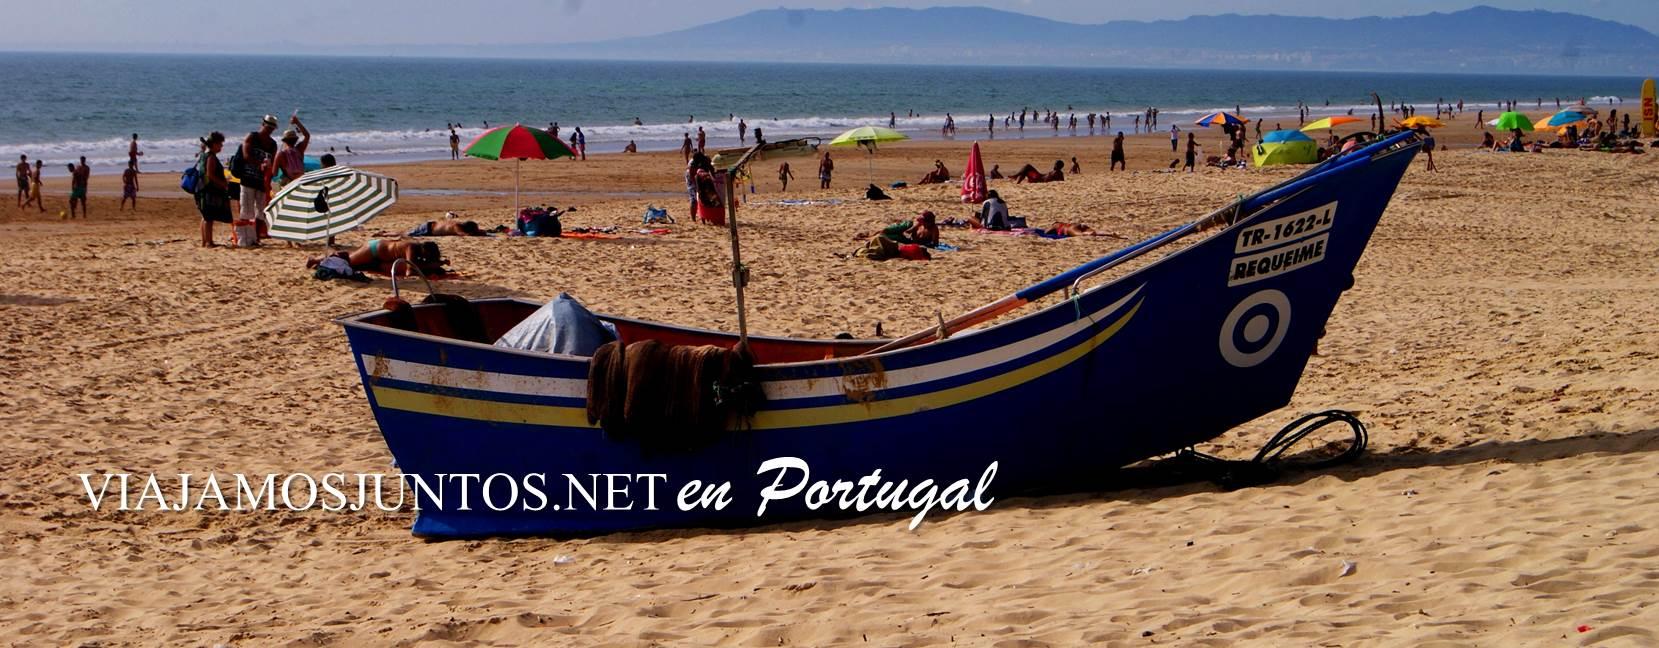 Playa Fonte da Telha, Costa Caparica, Portugal